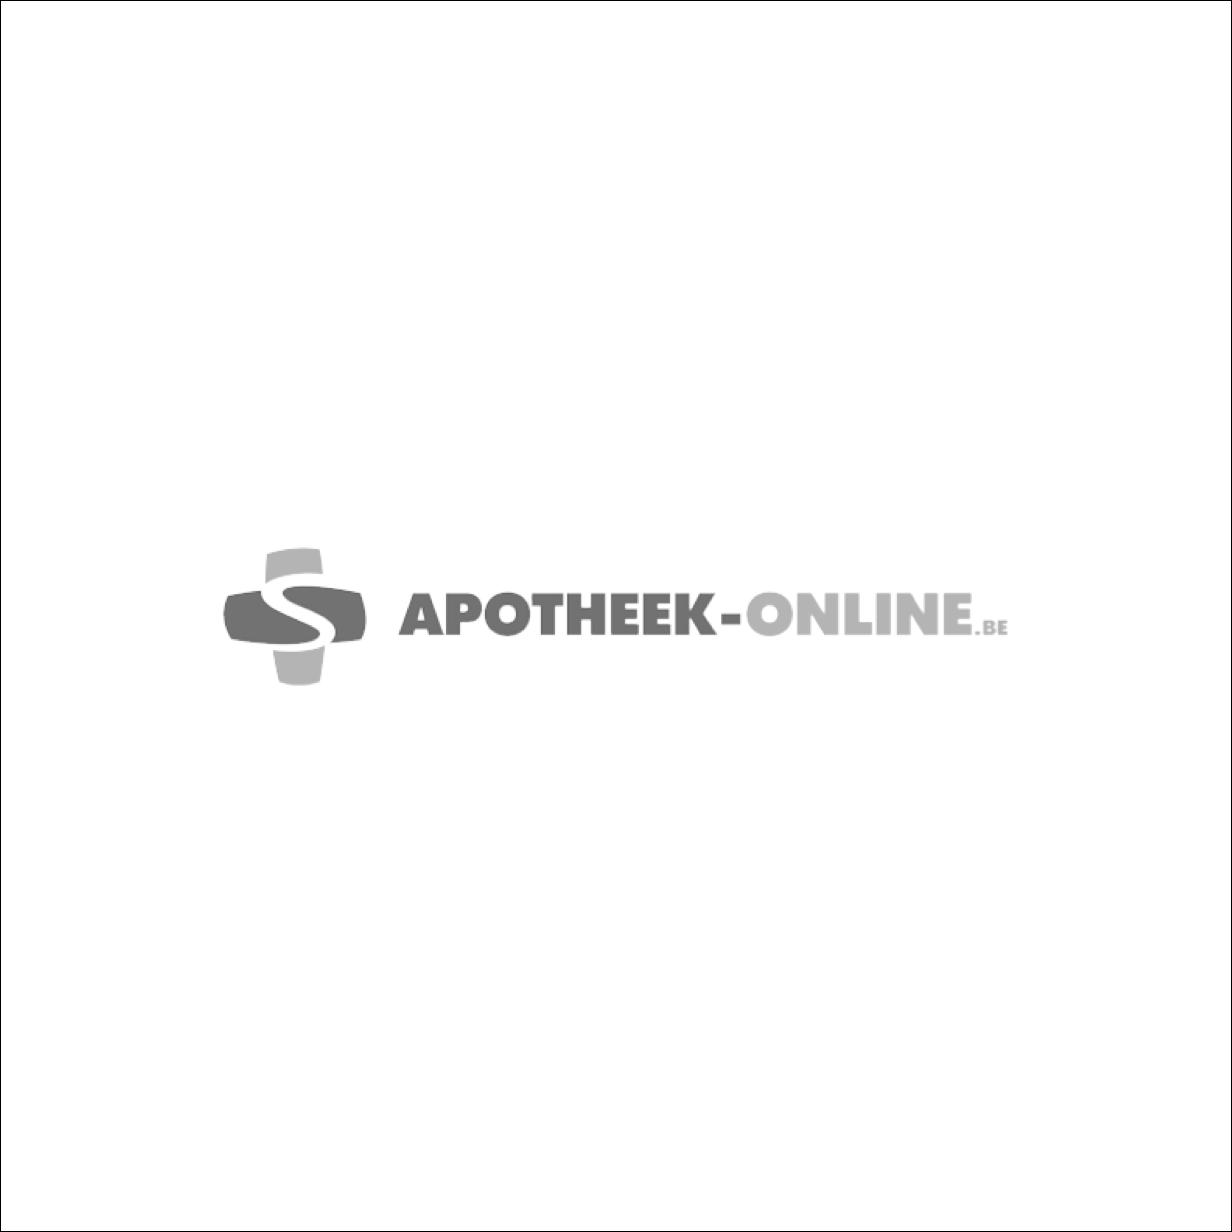 Hartmann Medicomp Compresses Non-Stériles 4 Plis 7,5x7,5cm 100 Pièces